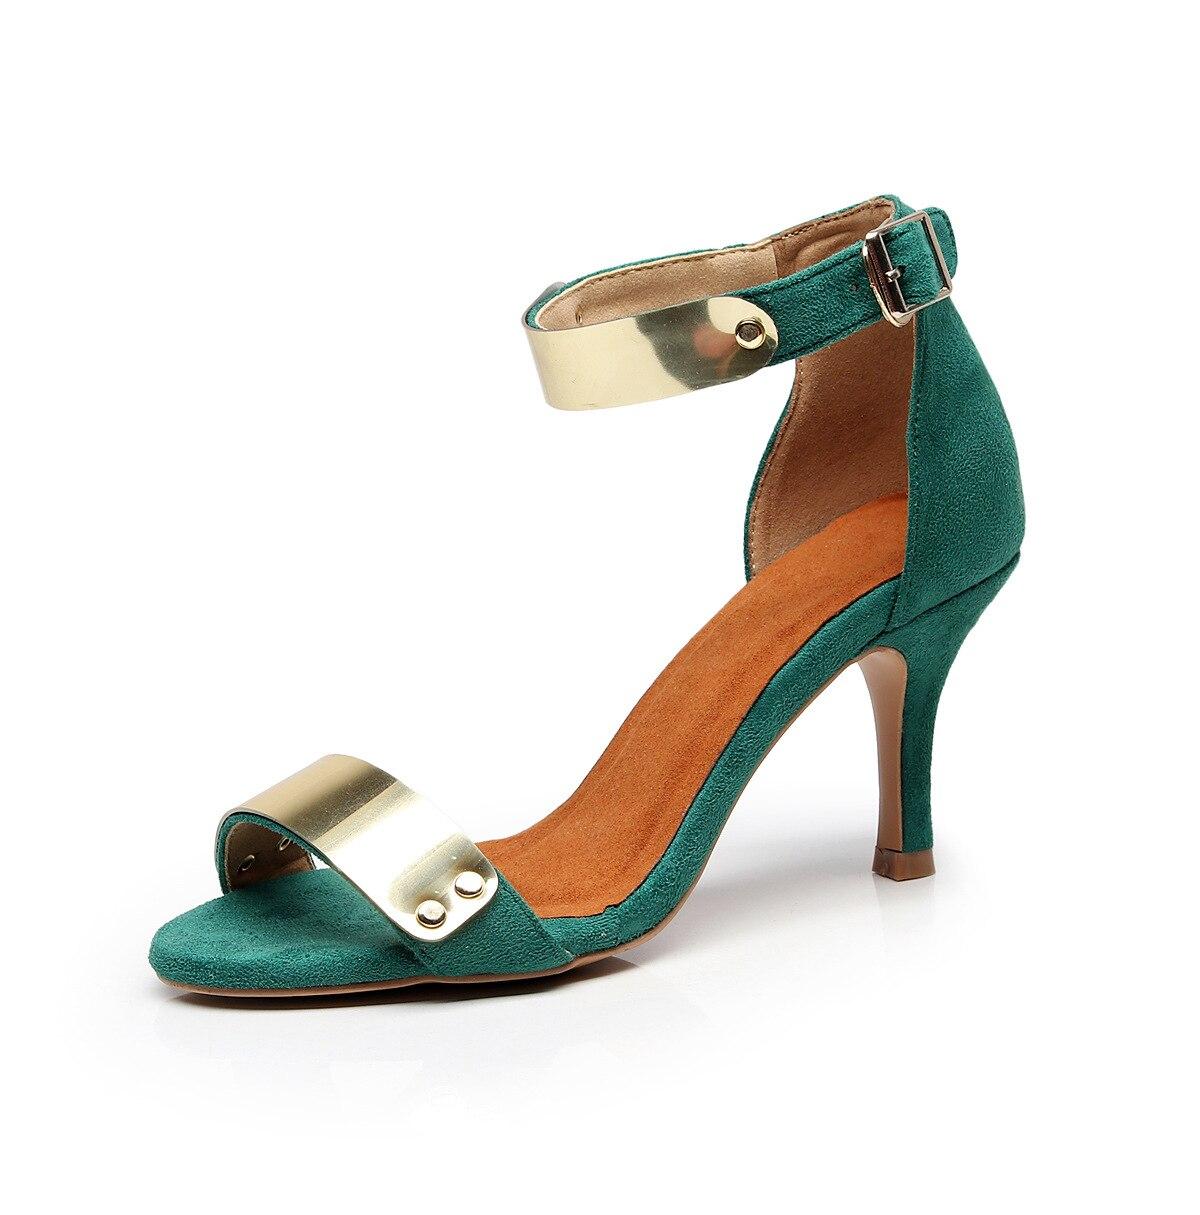 Женская танцевальная обувь на высоком каблуке для взрослых; Обувь для танцев на квадратном каблуке с зелеными босоножками на высоком каблу